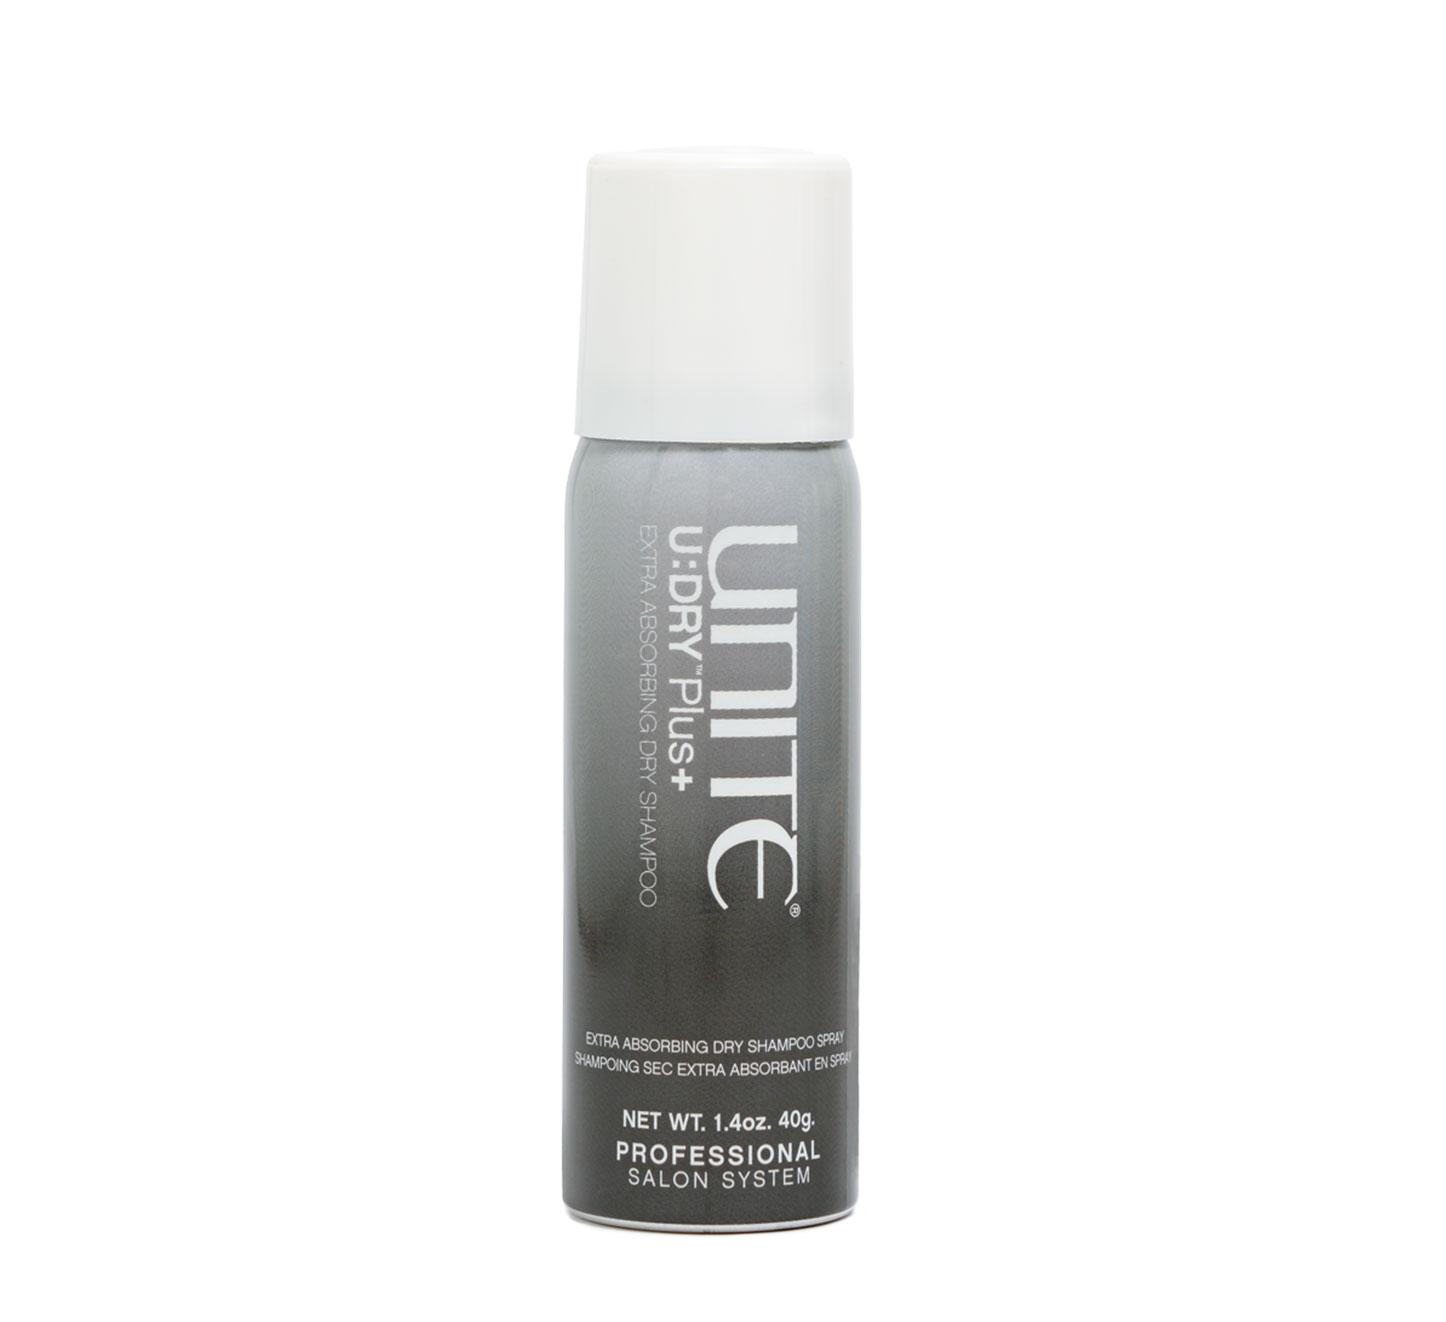 U:DRY Plus+ Fast Absorbing Dry Shampoo 1.4oz Unite